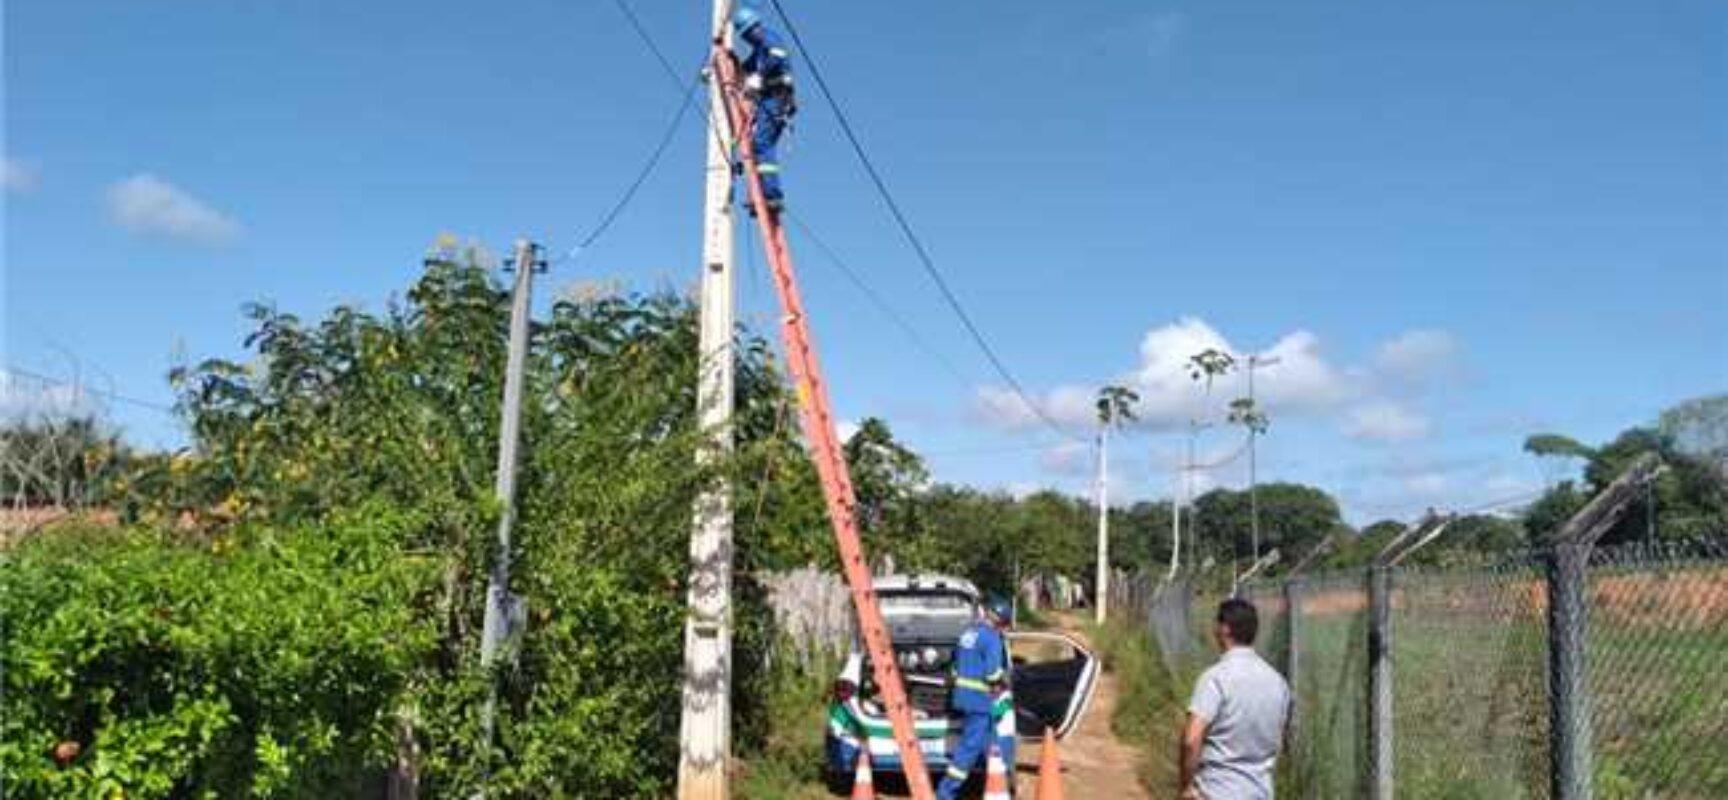 Prefeitura de Ilhéus implanta 21 novos postes de iluminação nas zonas urbana e rural da cidade